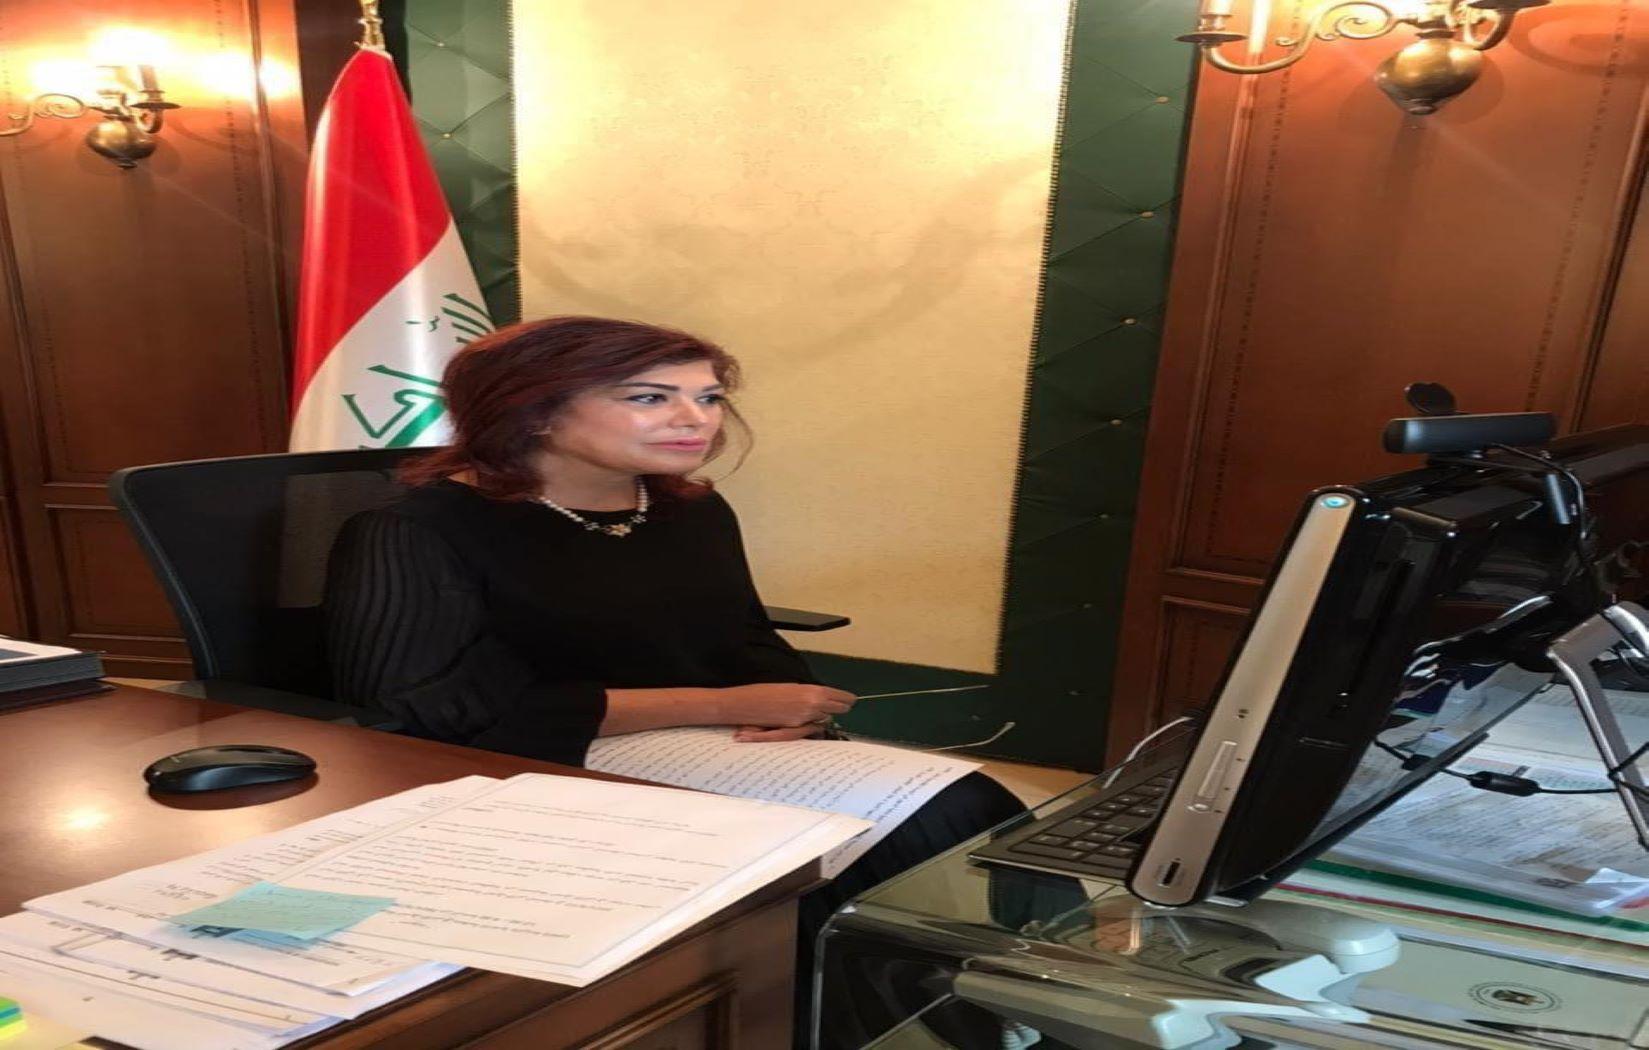 السهيل تهنئ بنجاح المؤتمر التحضيري الحواري للمؤتمر الاقليمي والذي انعقد افتراضياً بادارة العراق